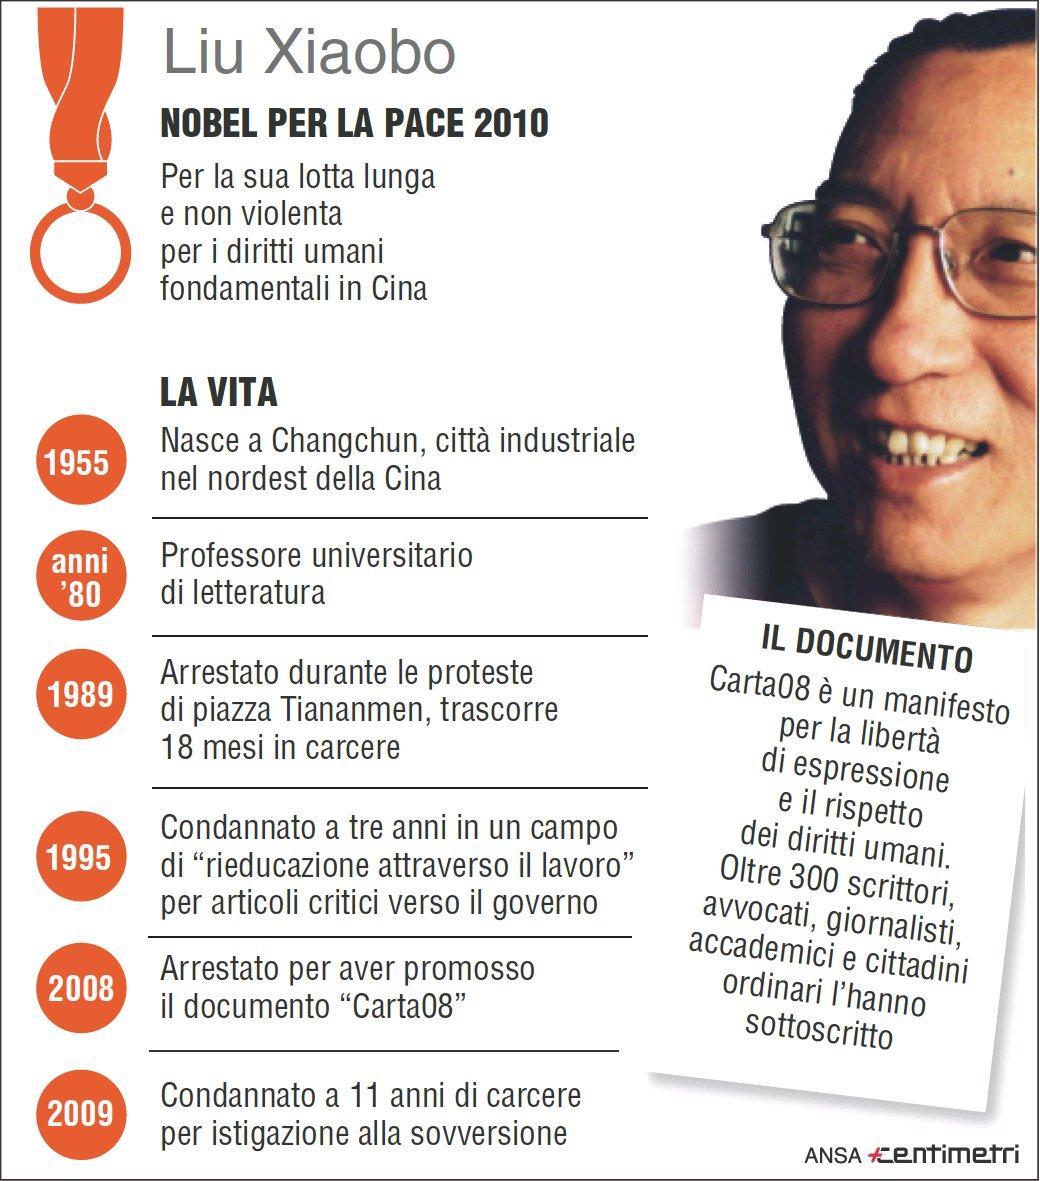 Ecco chi era Liu Xiaobo